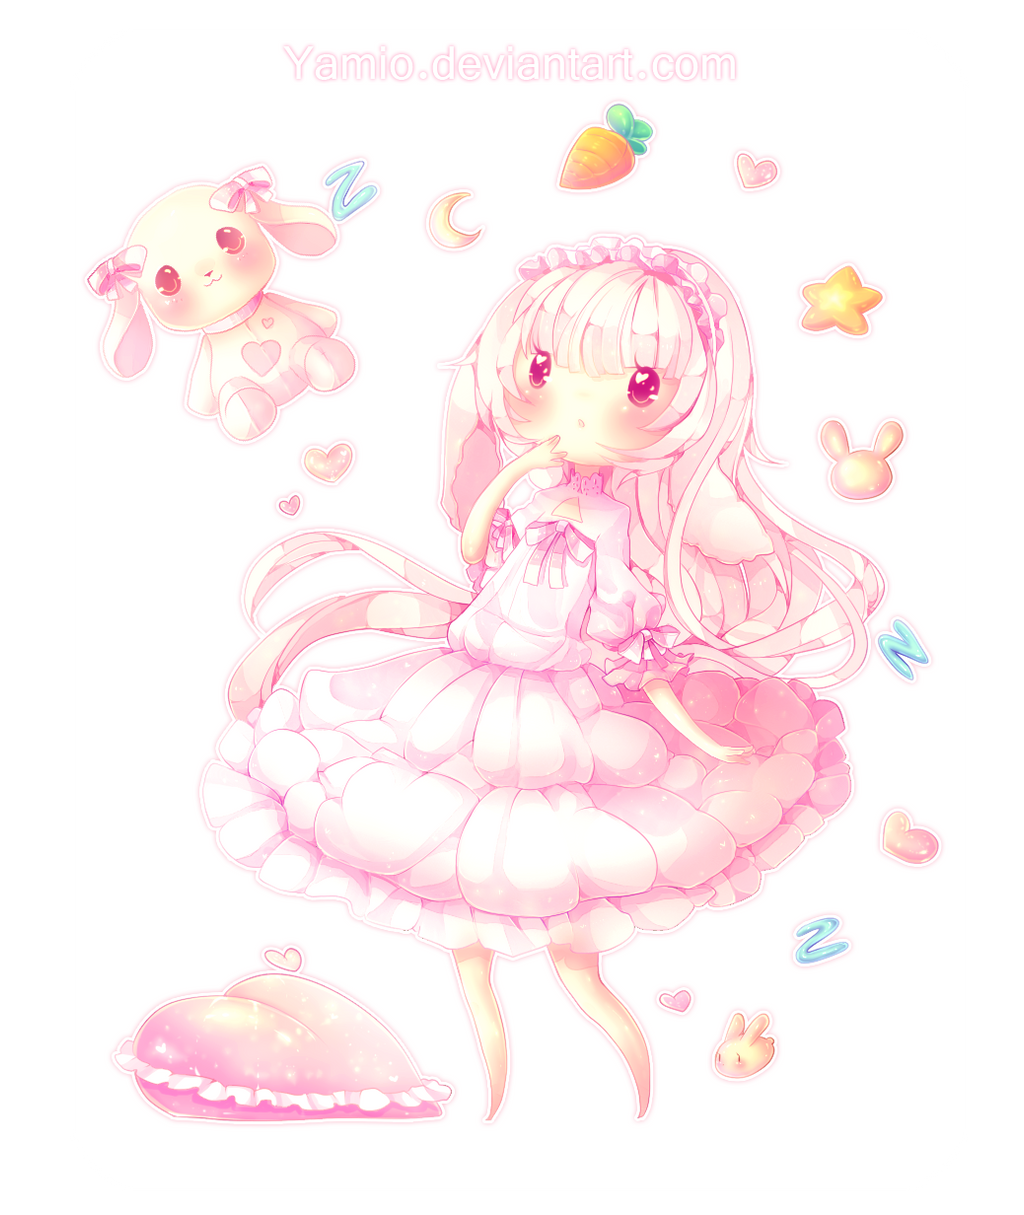 Sugar sugar by Yamio